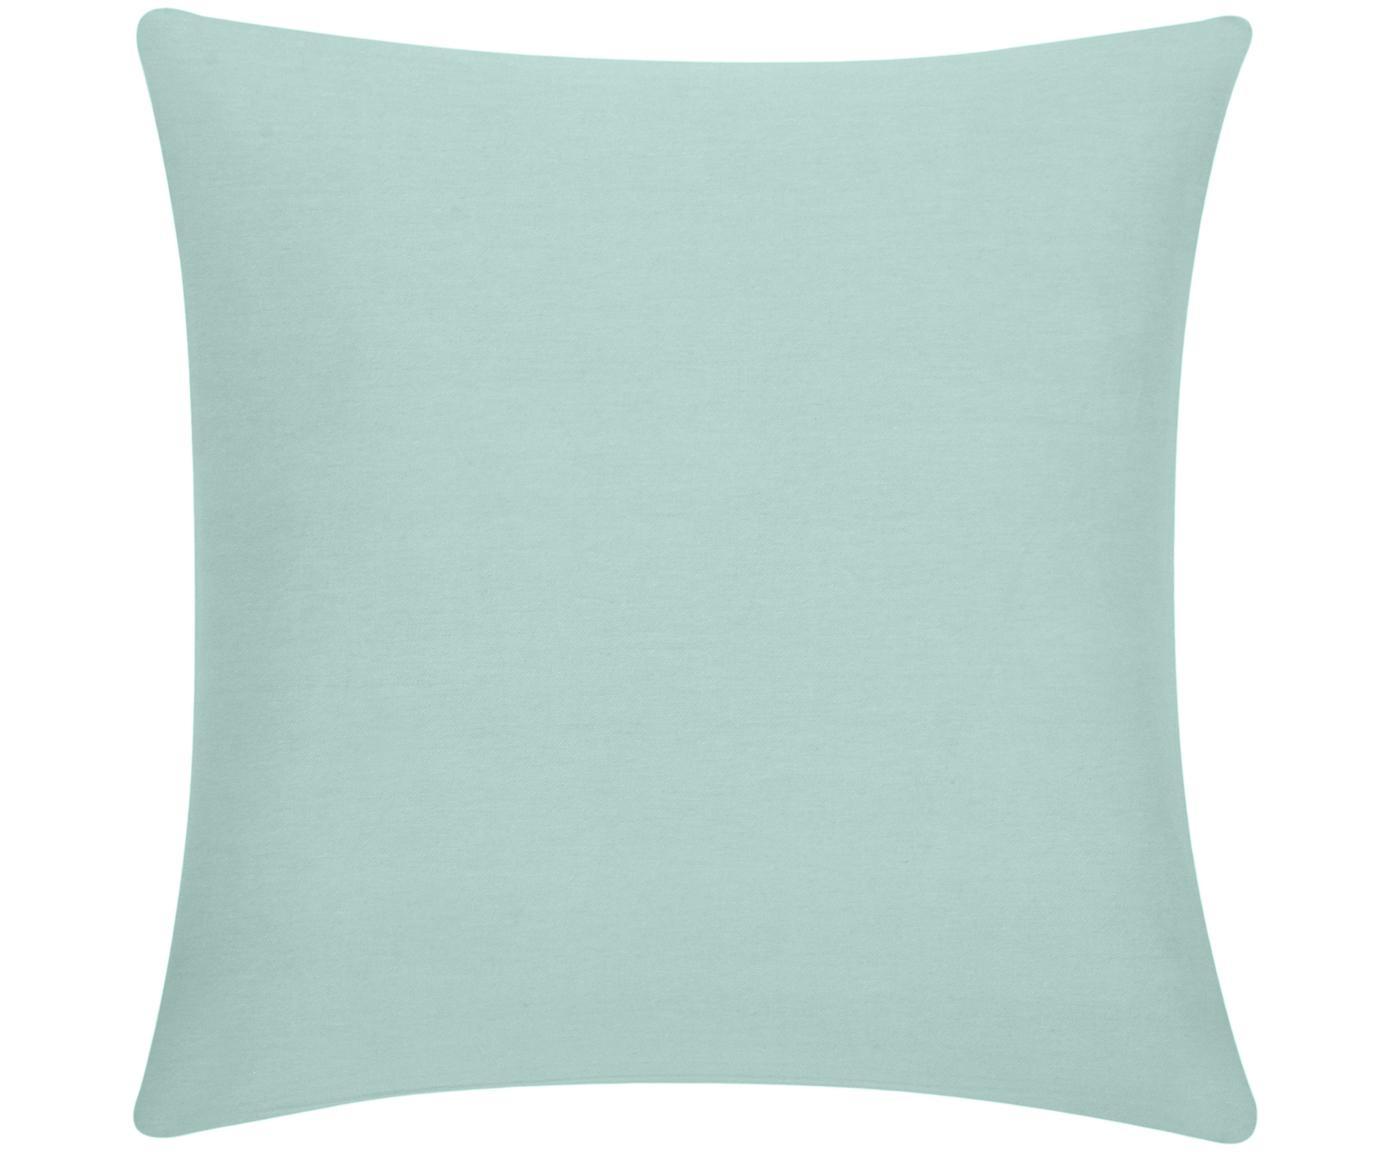 Poszewka na poduszkę Mads, 100% bawełna, Szałwiowa zieleń, S 40 x D 40 cm